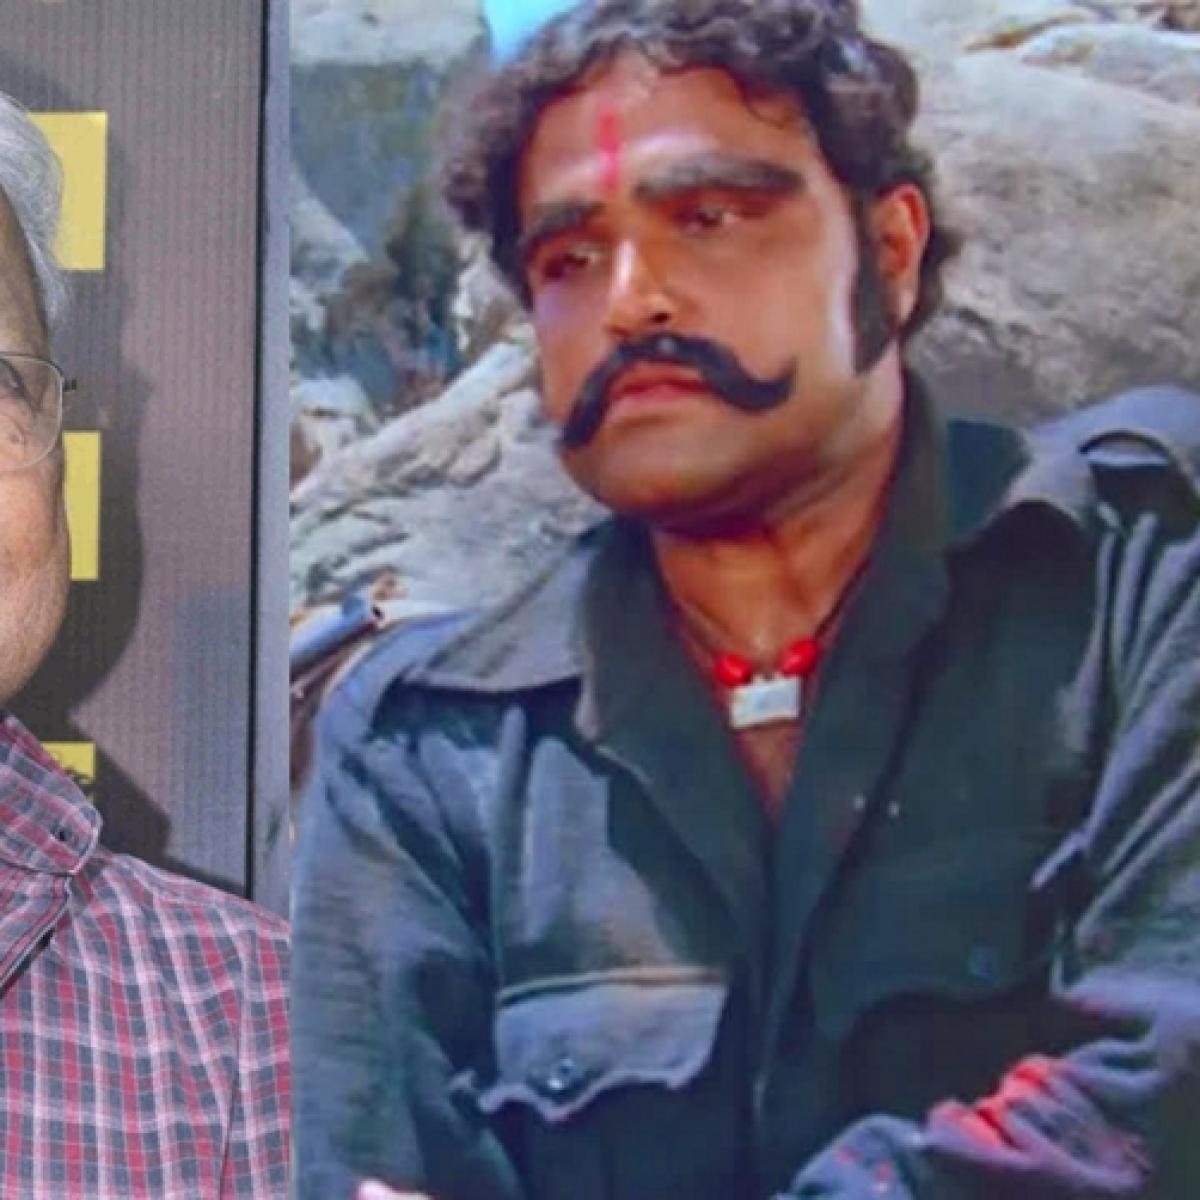 Veteran actor Viju Khote aka 'Kalia' from 'Sholay' passes away at 77